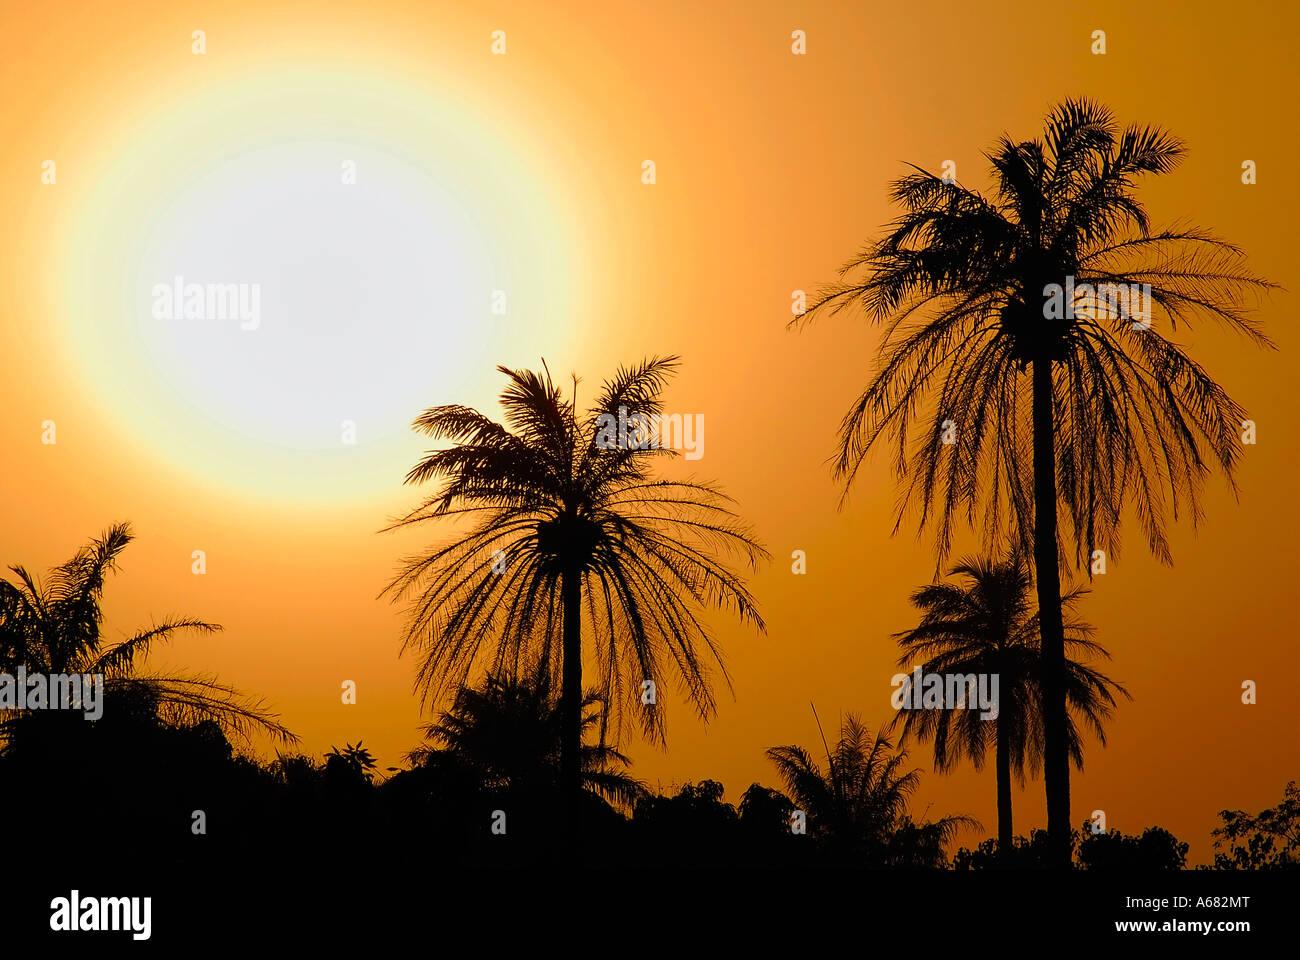 Palmeras esbozadas contra un cielo al atardecer, Gambia, África Imagen De Stock